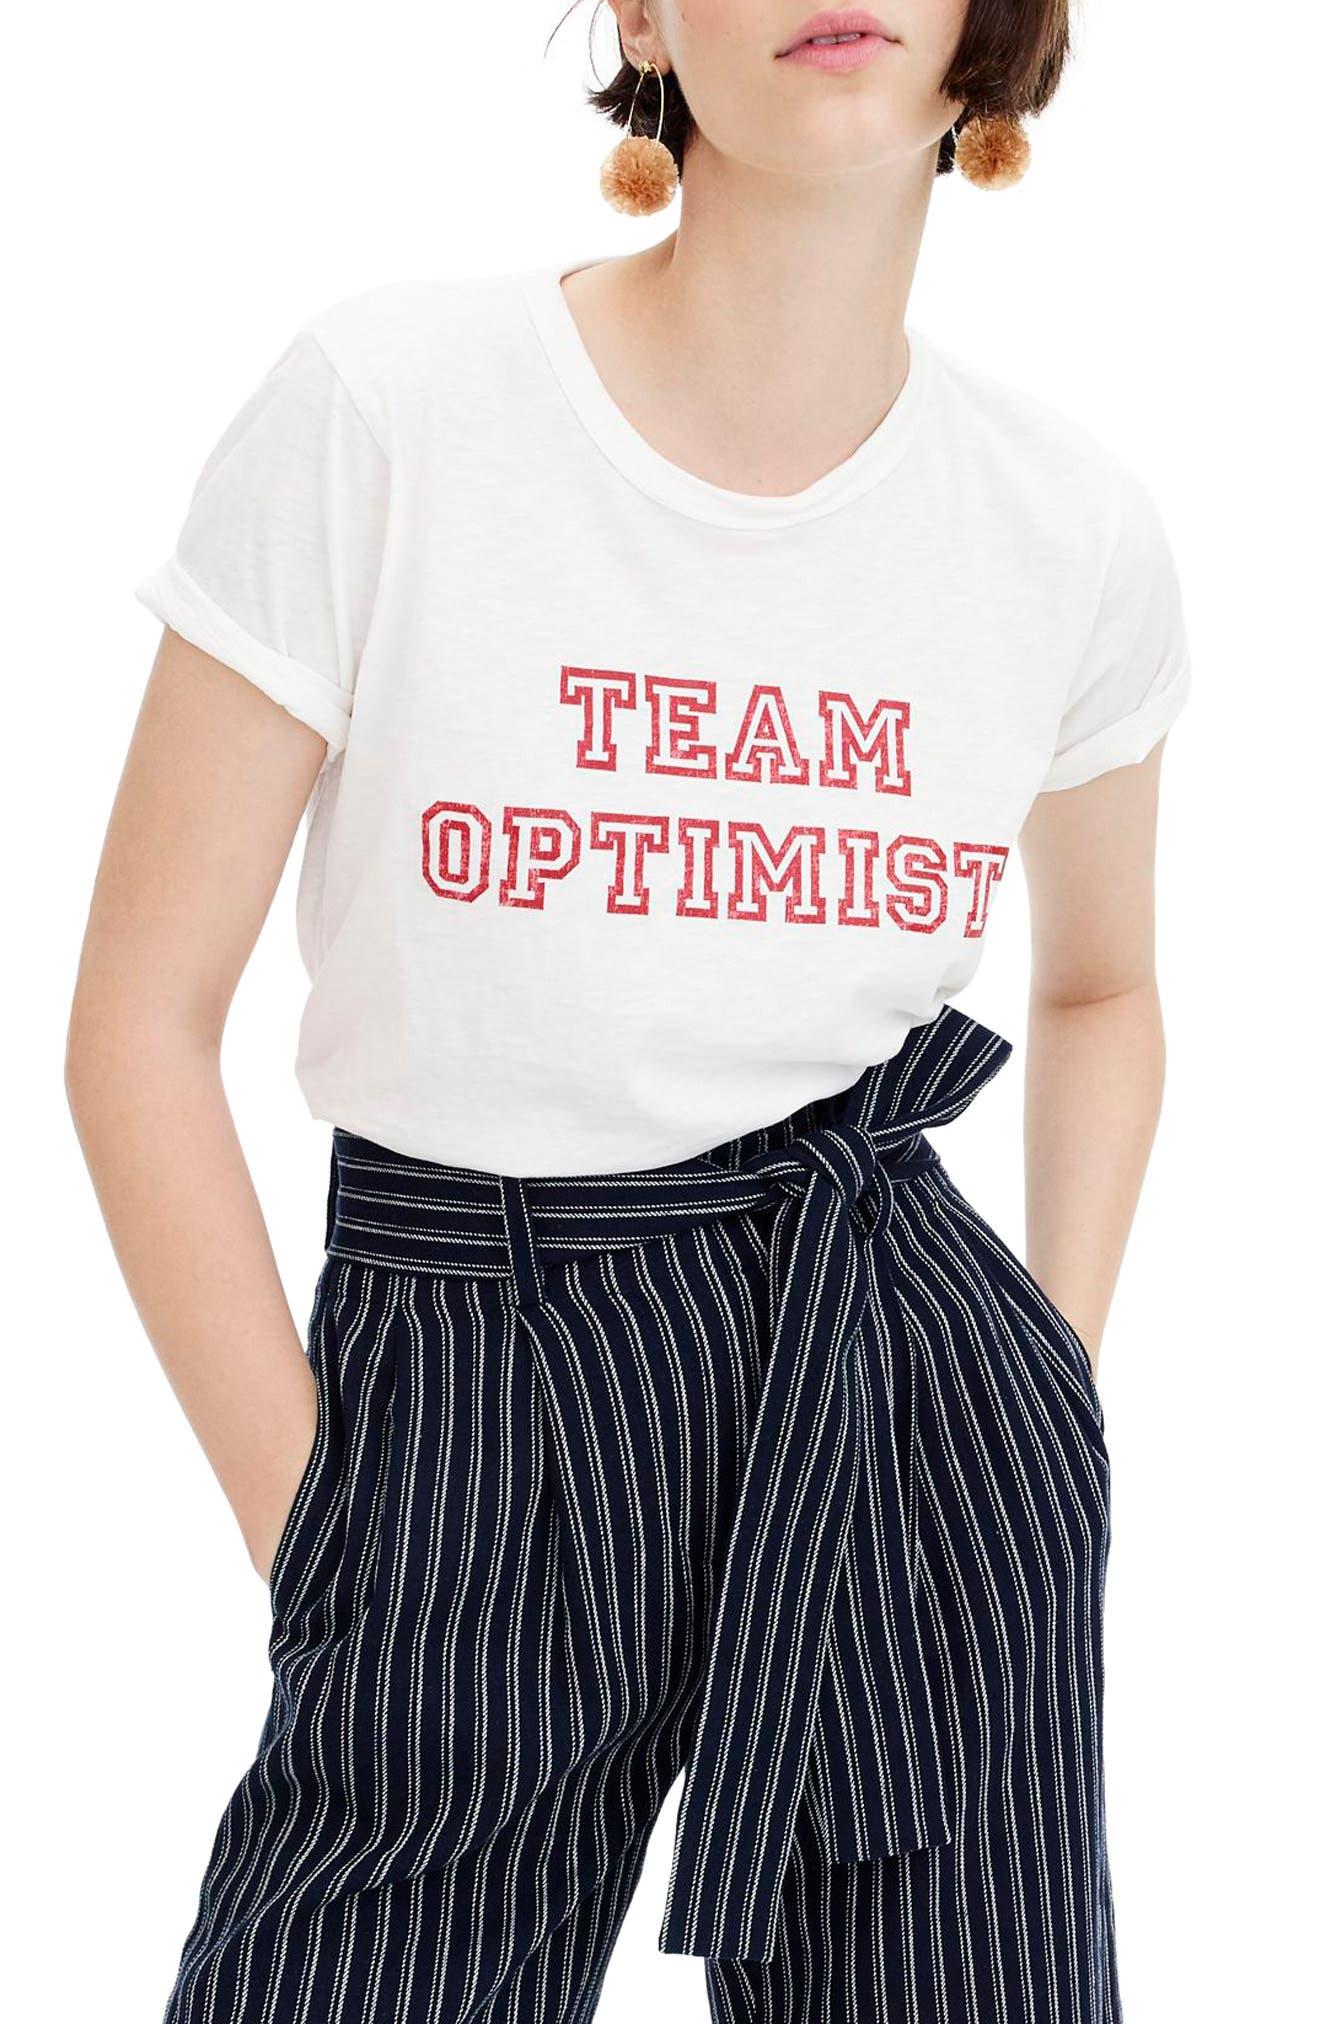 J.Crew Team Optimist Tee